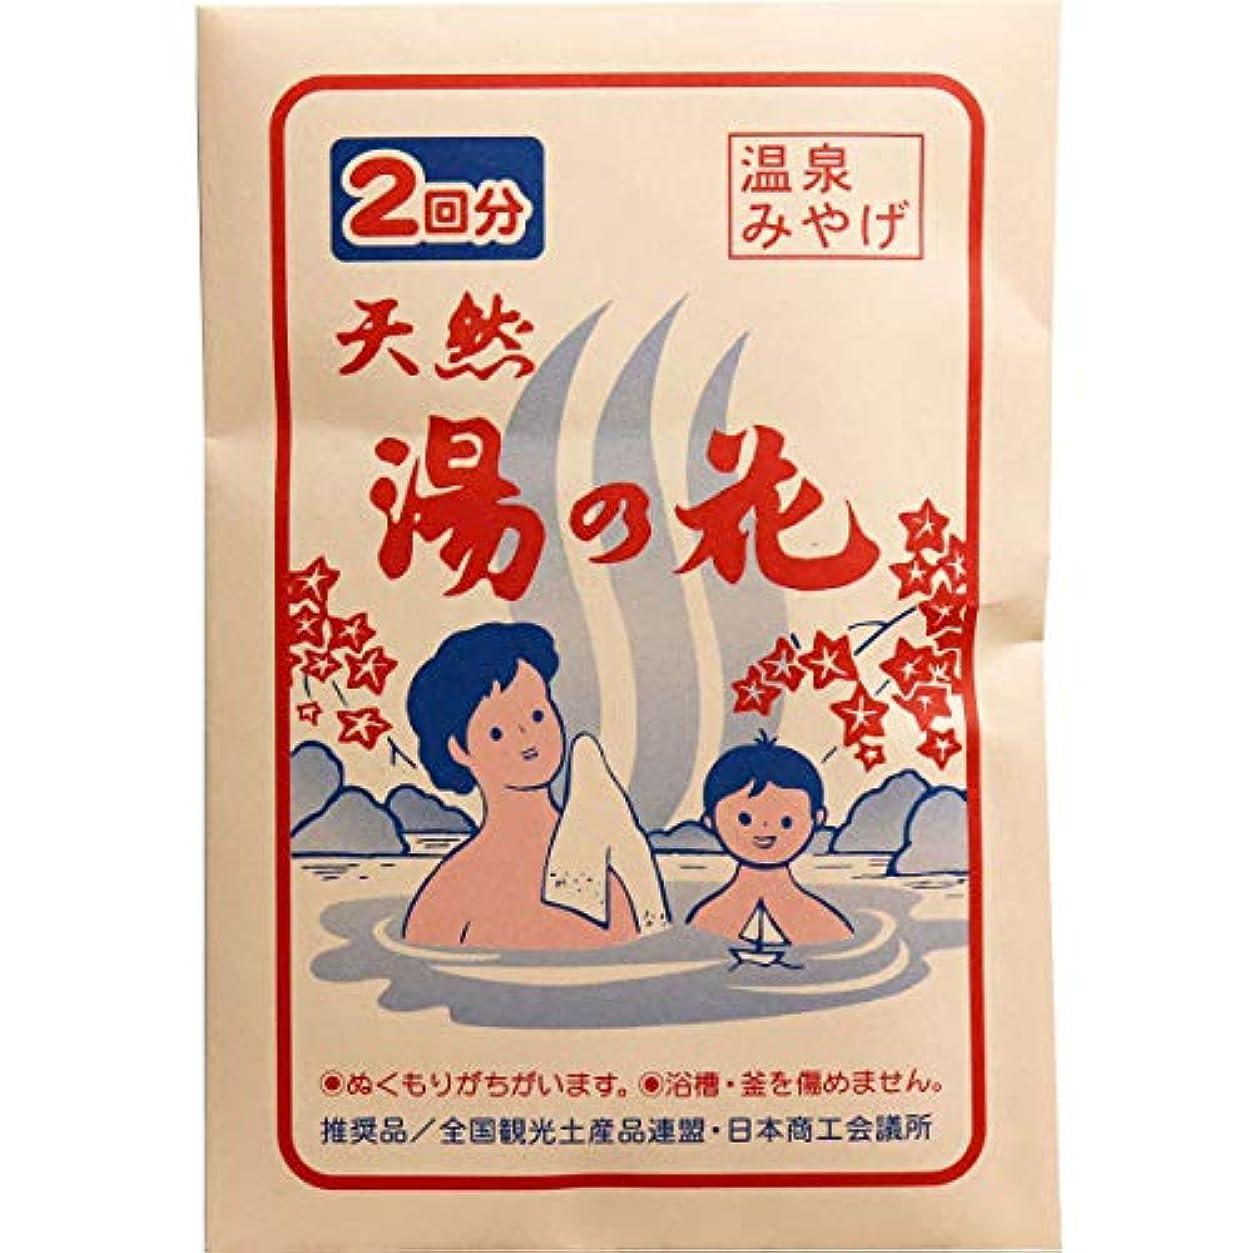 抜け目がない怠けた結晶天然湯の花 小袋分包2回分 KA-2 15g×2包入